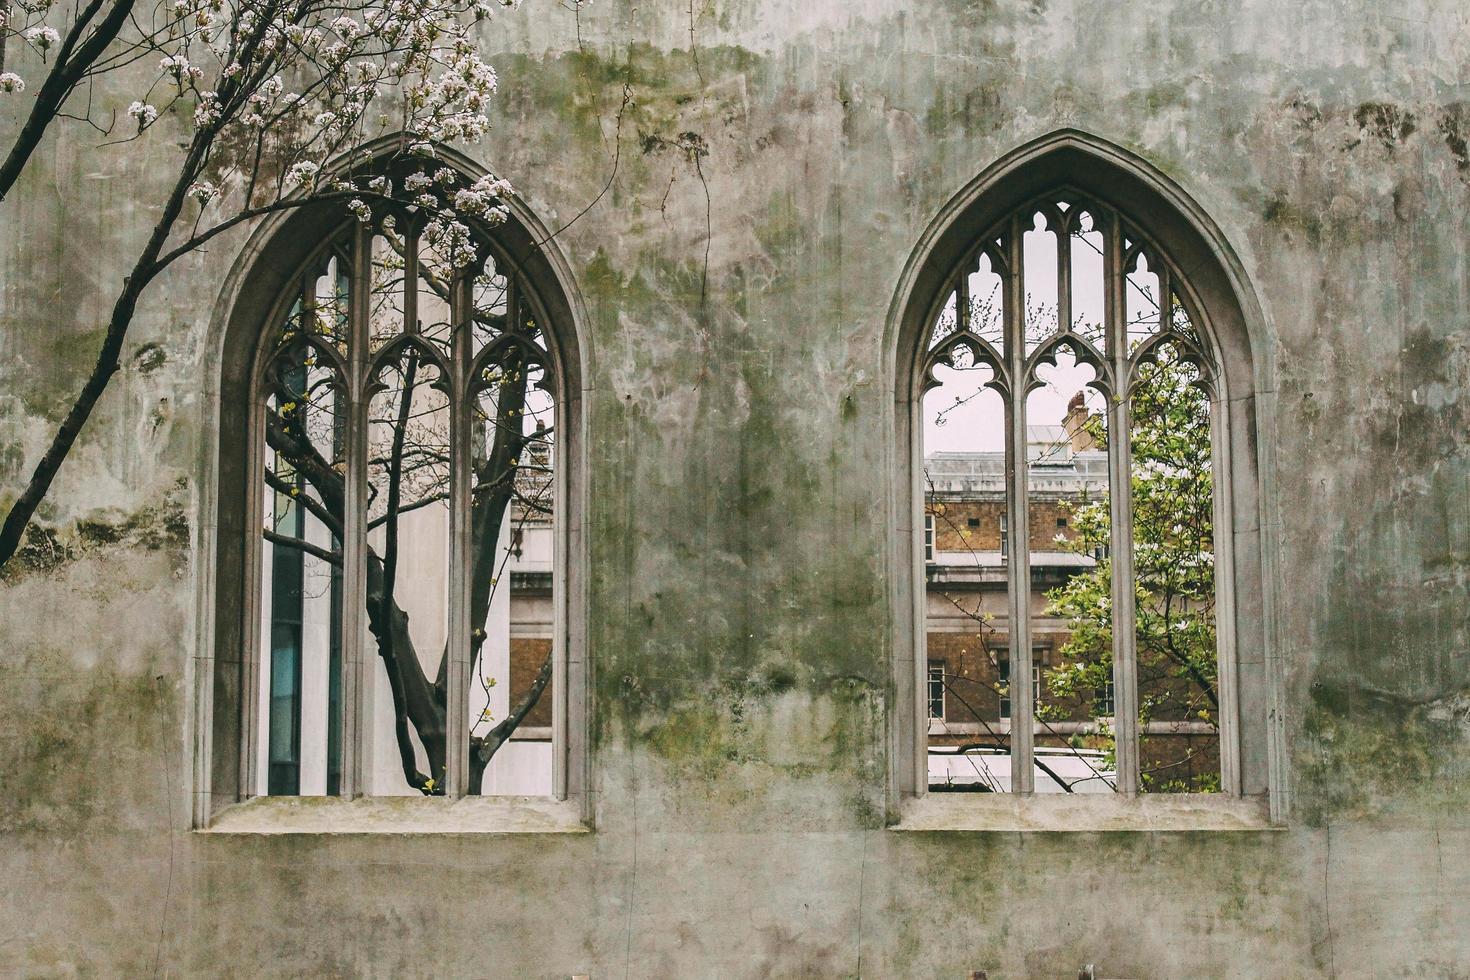 londres, inglaterra, 2020 - saint dunstan en el jardín de la iglesia este foto